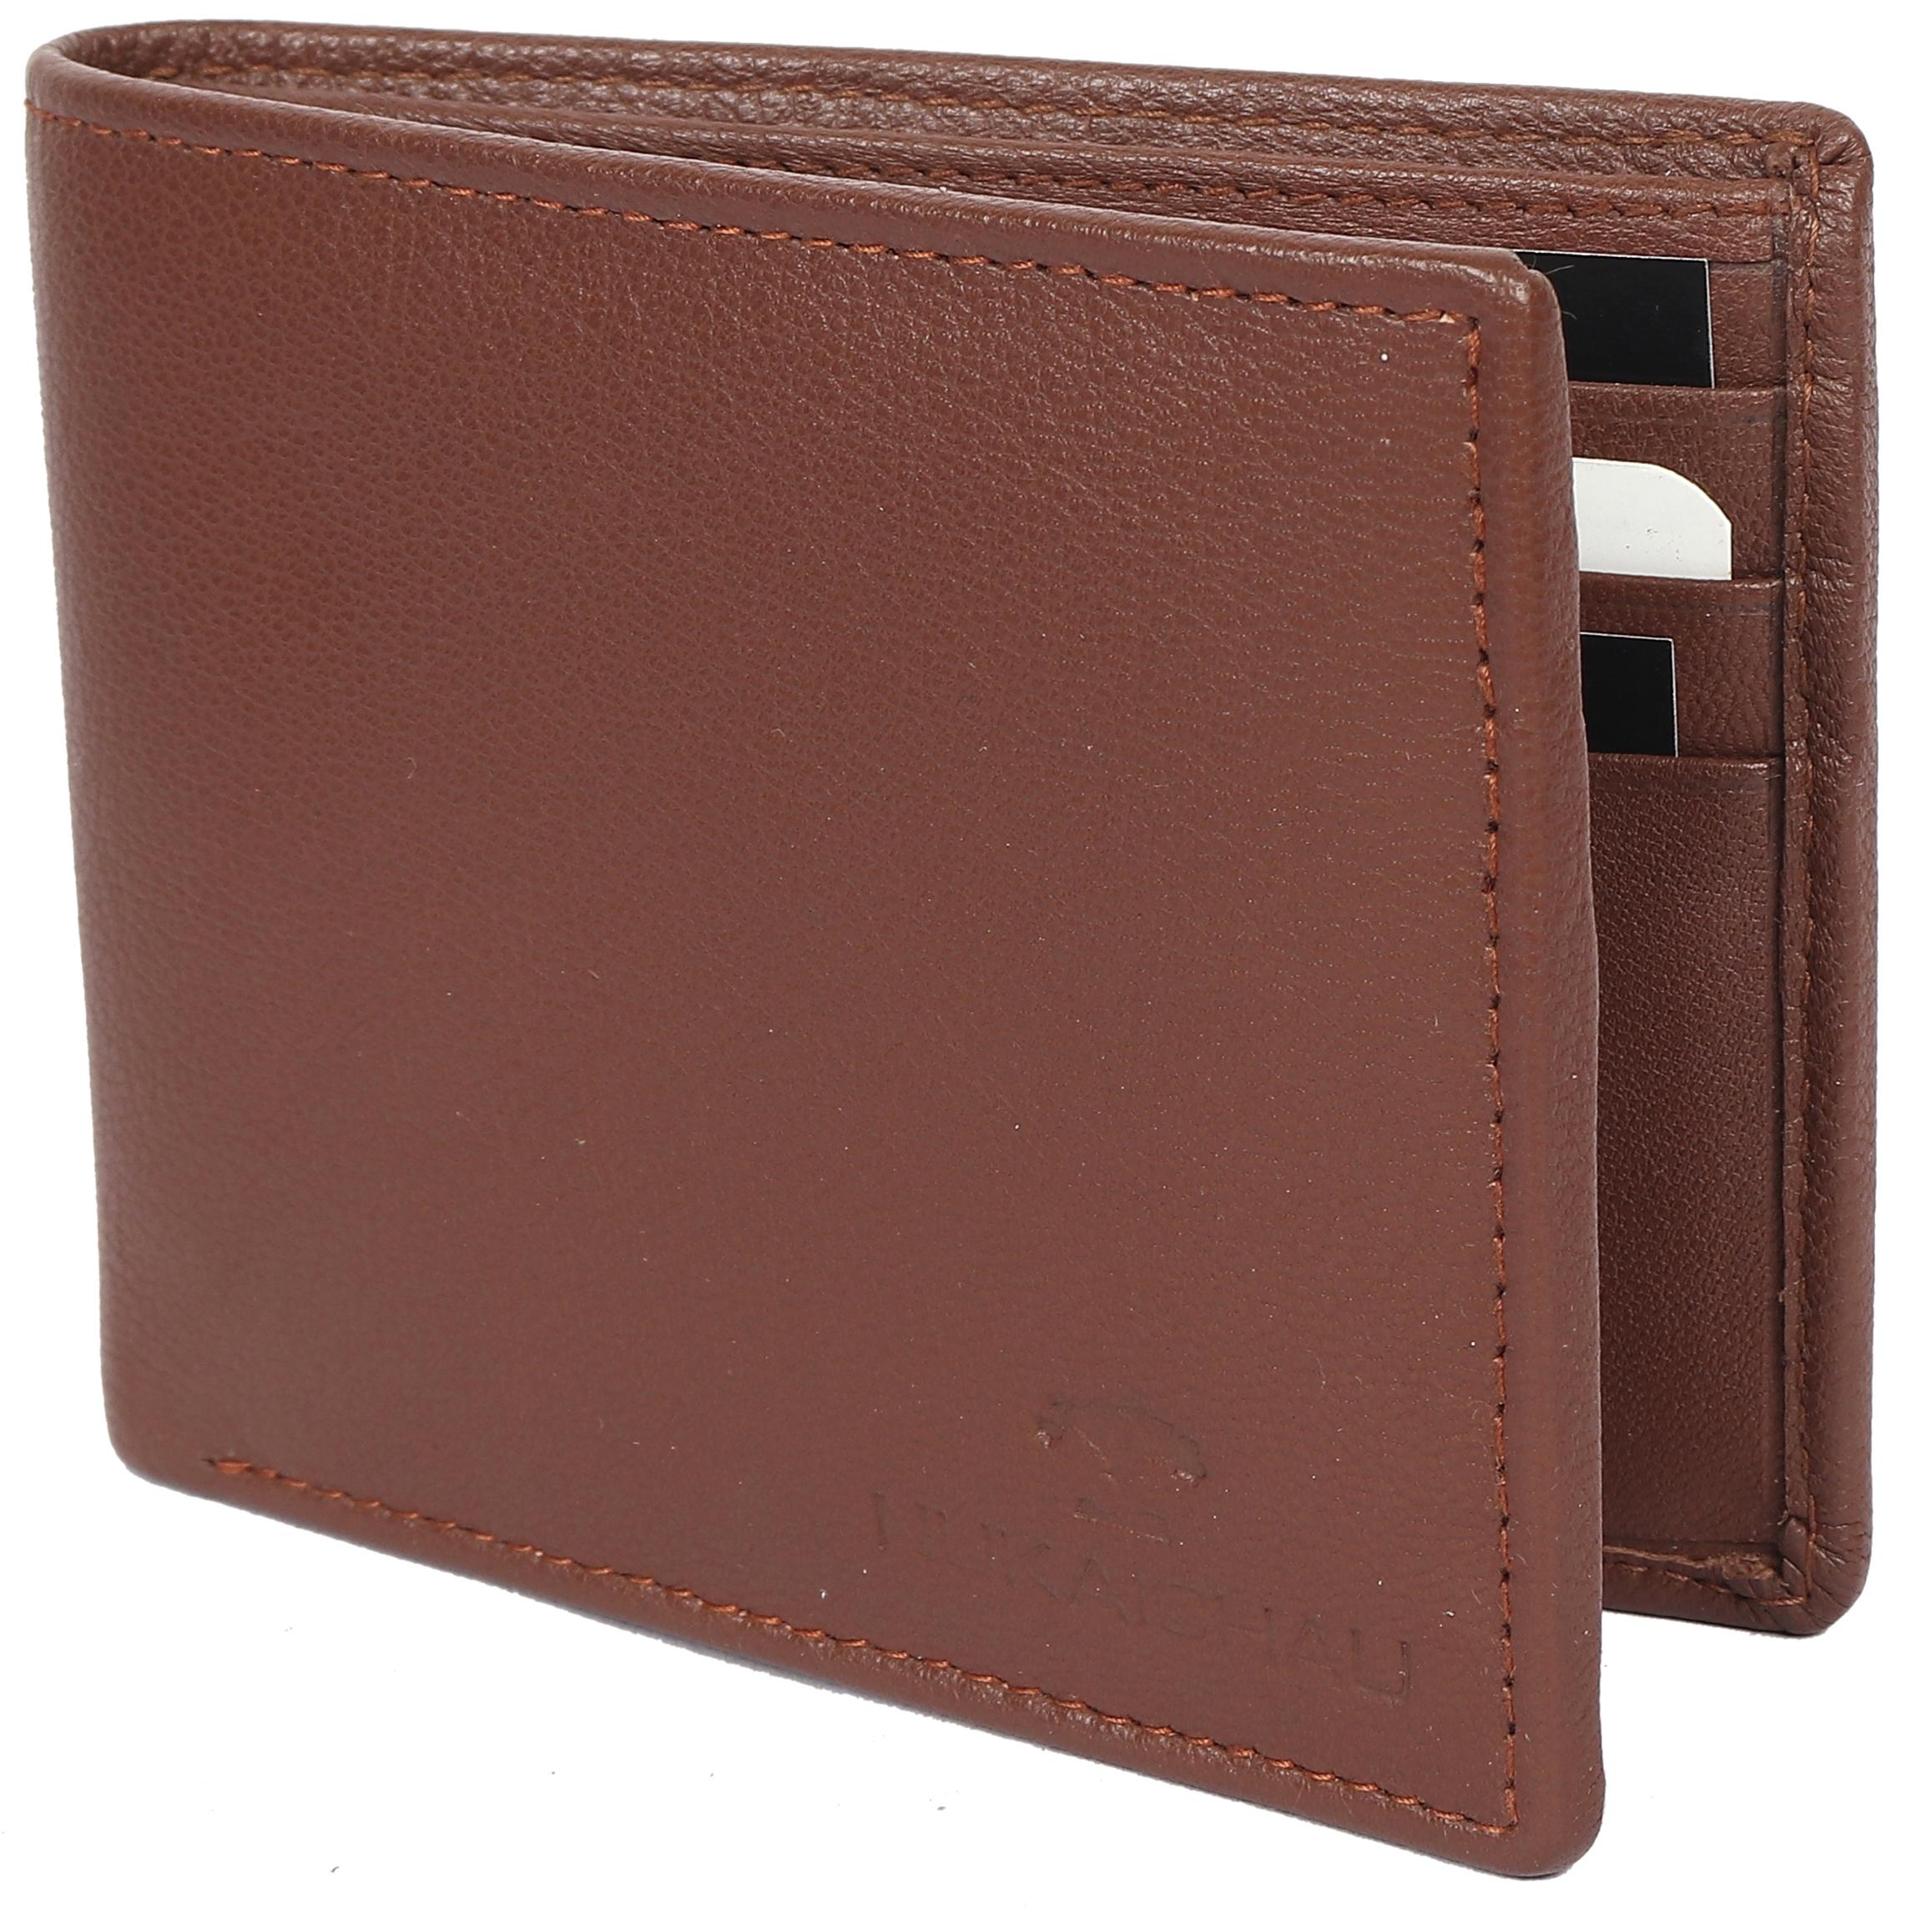 NUKAICHAU Genuine Original Pure Leather Brown Colour Men's Money Wallet with Zip, Coin Pocket, Two Cash Compartment